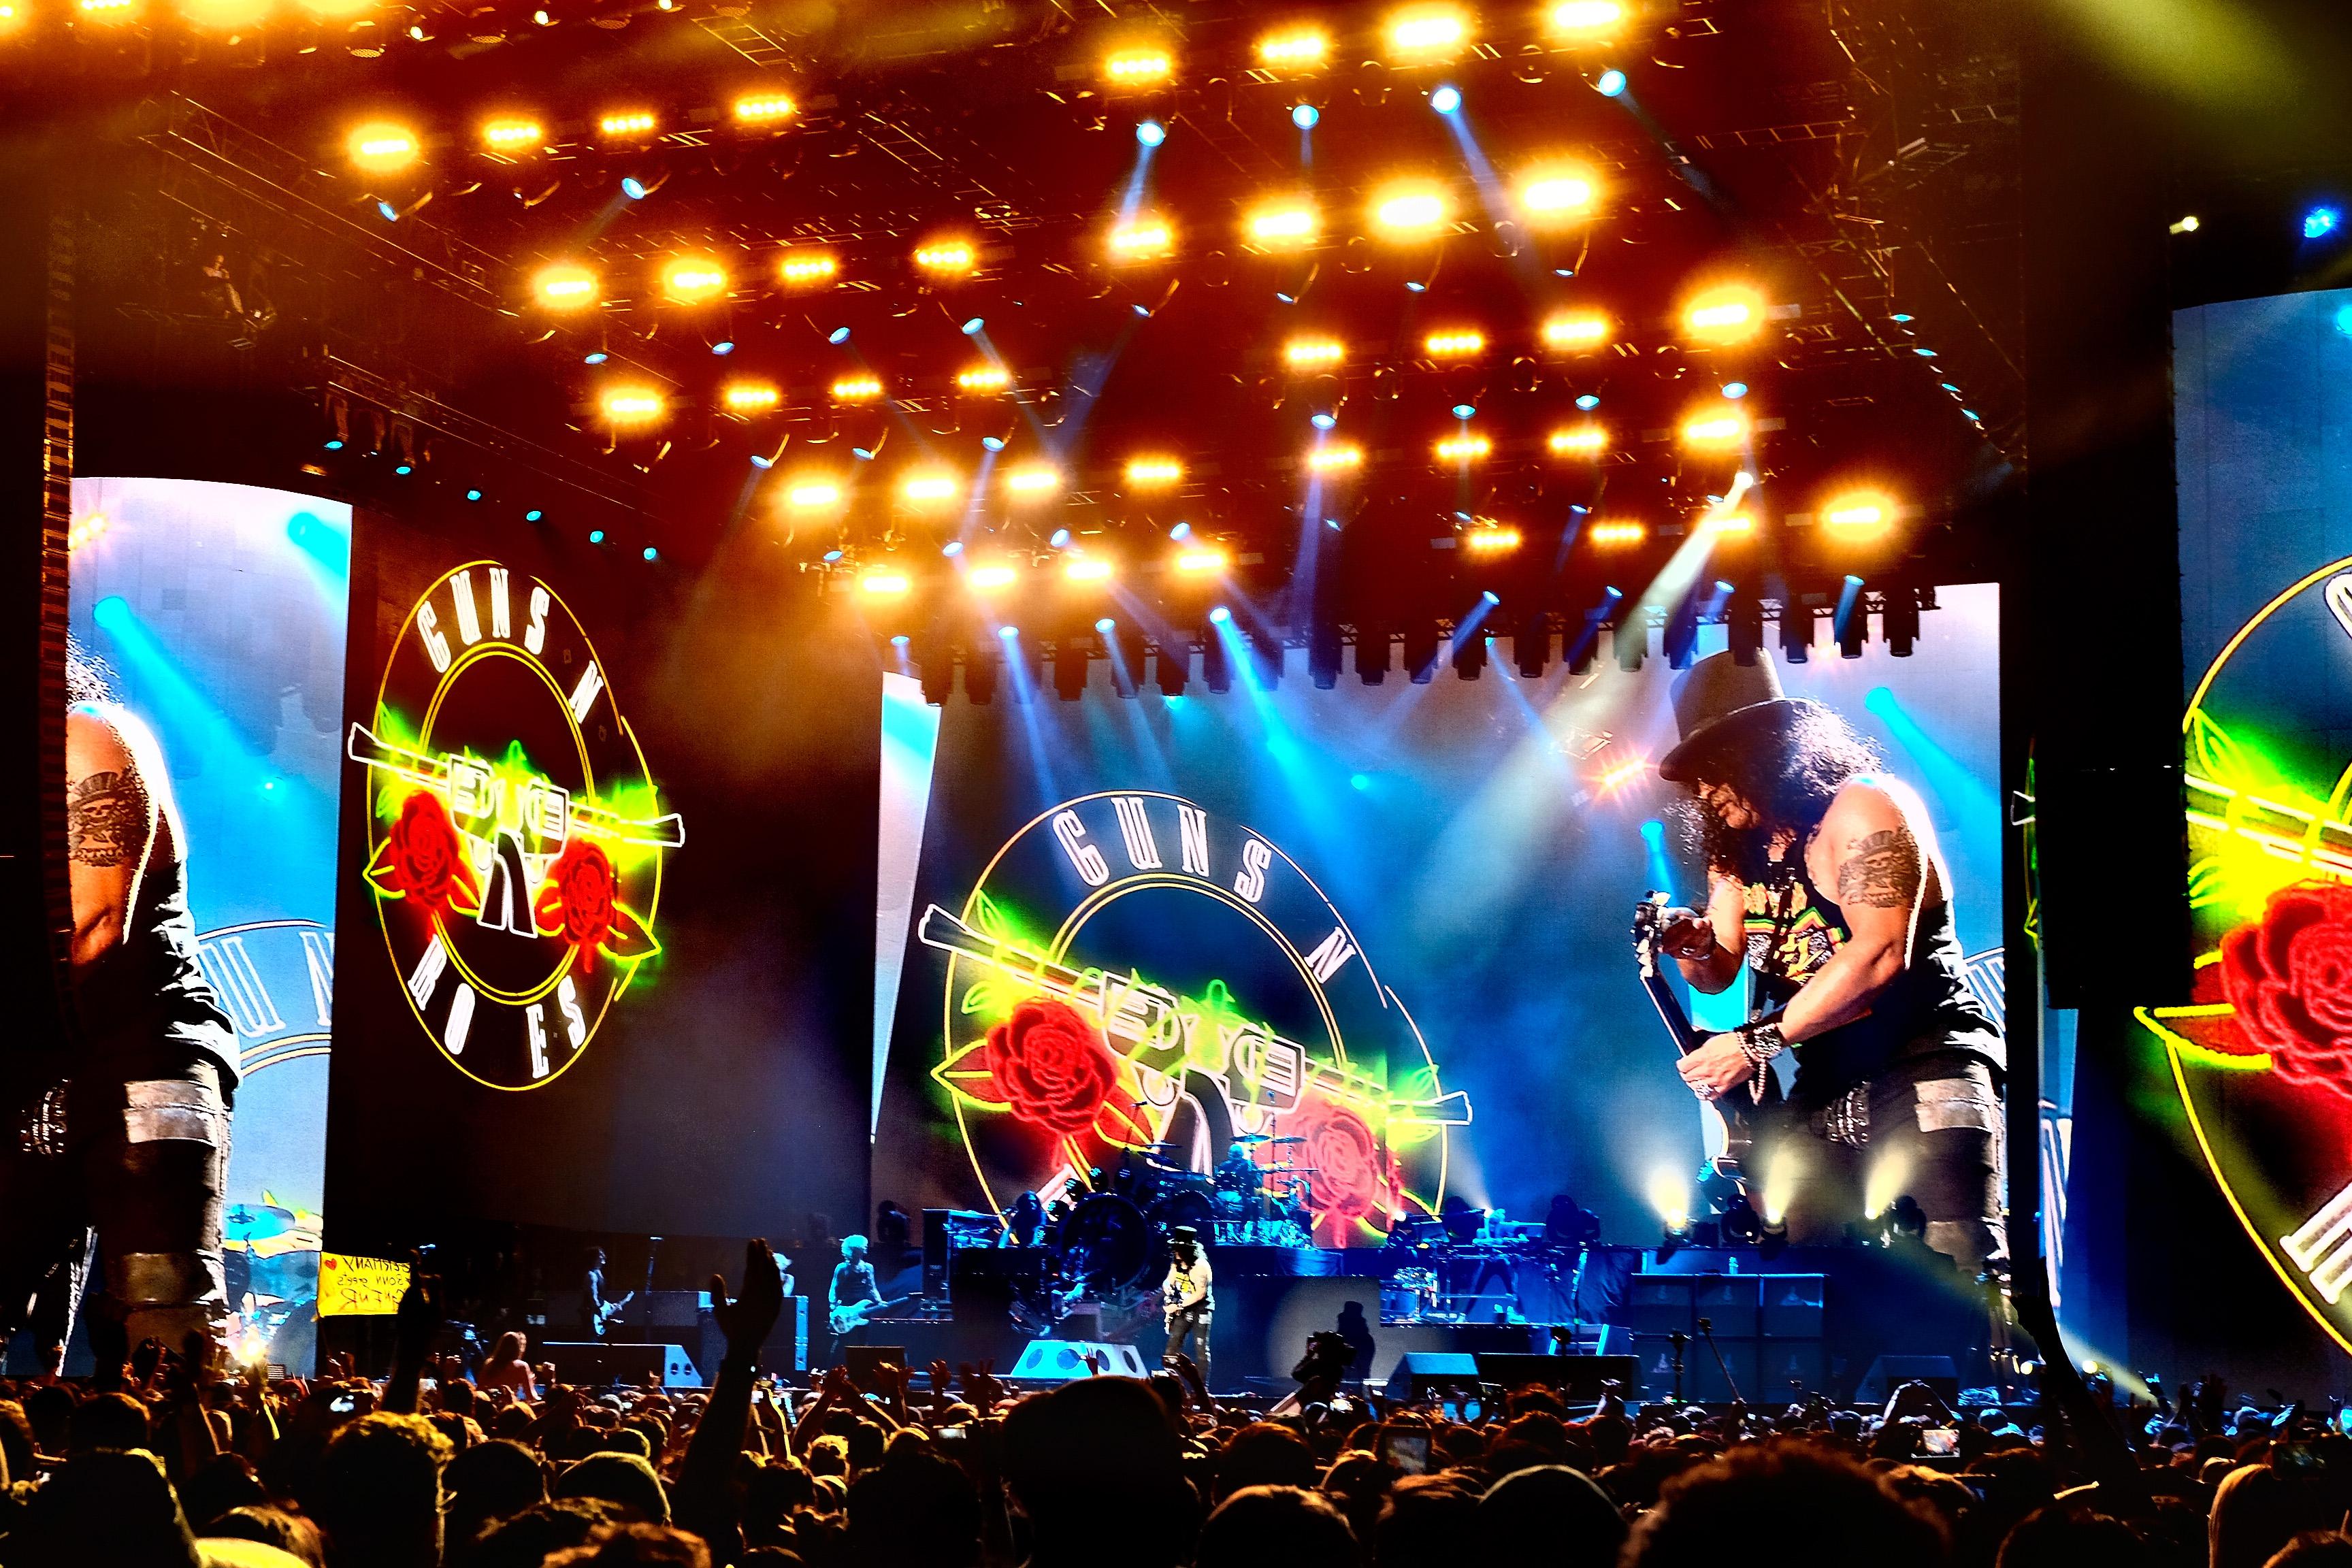 Budapesten nem lép fel a Guns N' Roses, de Bécsben és Prágában lesz koncert